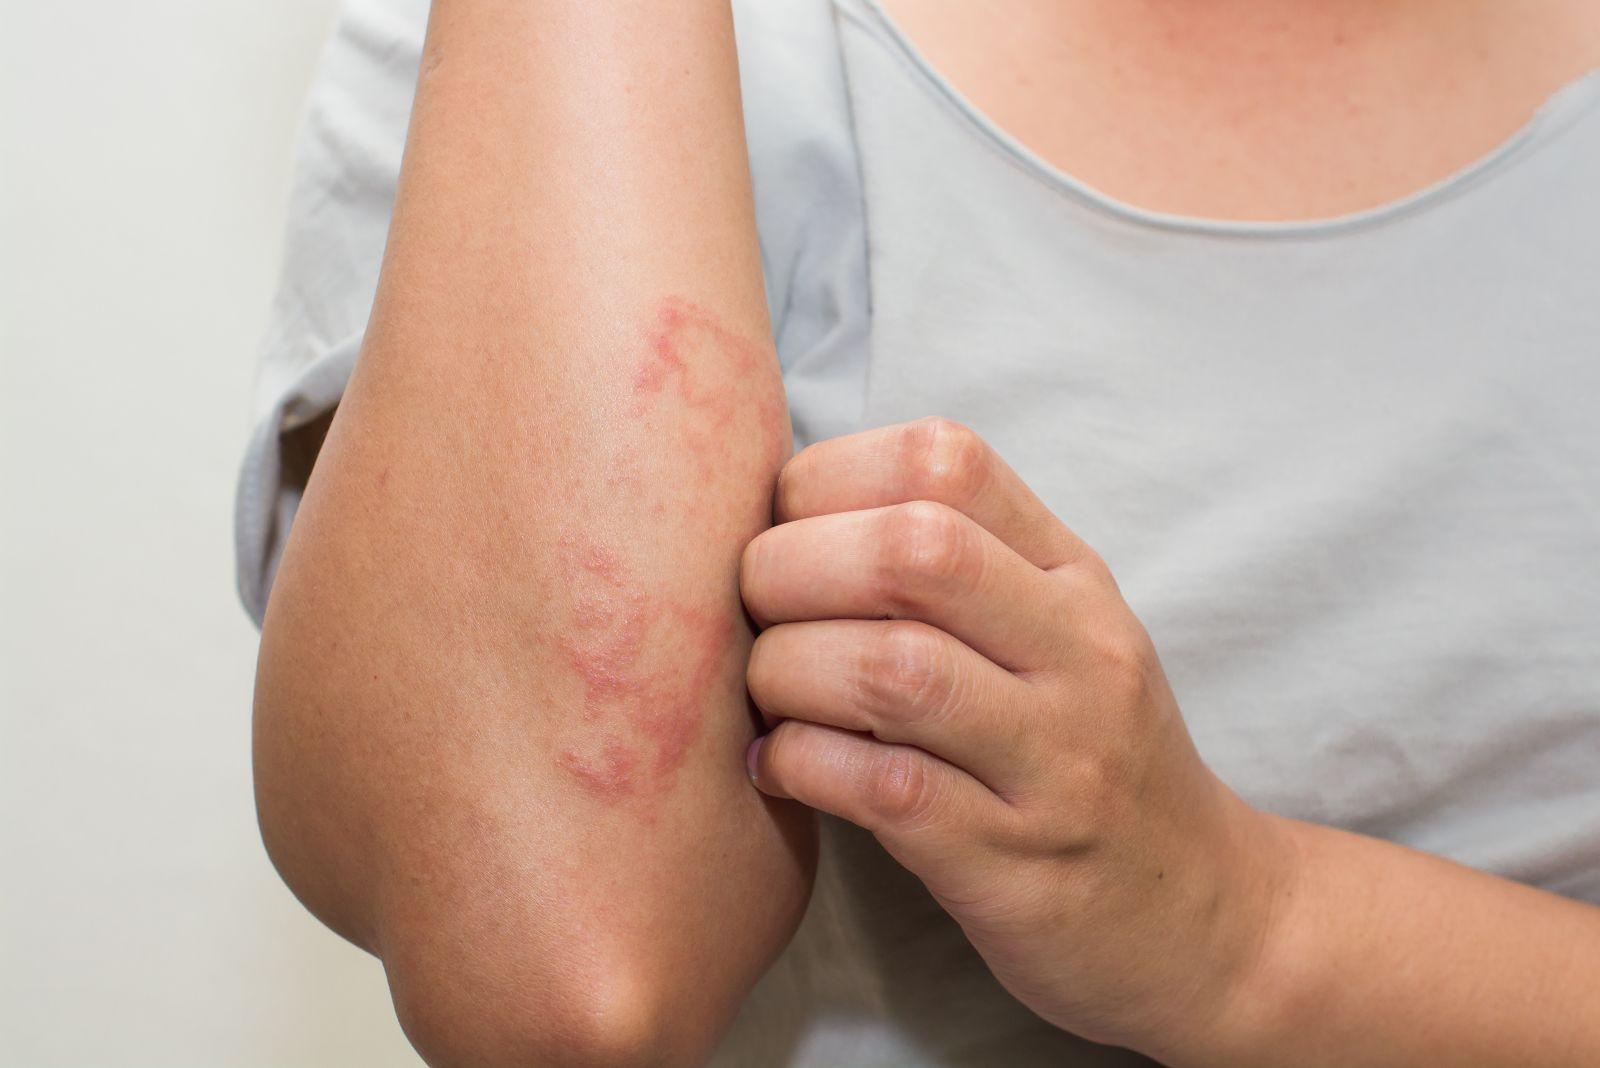 7 Types of Eczema